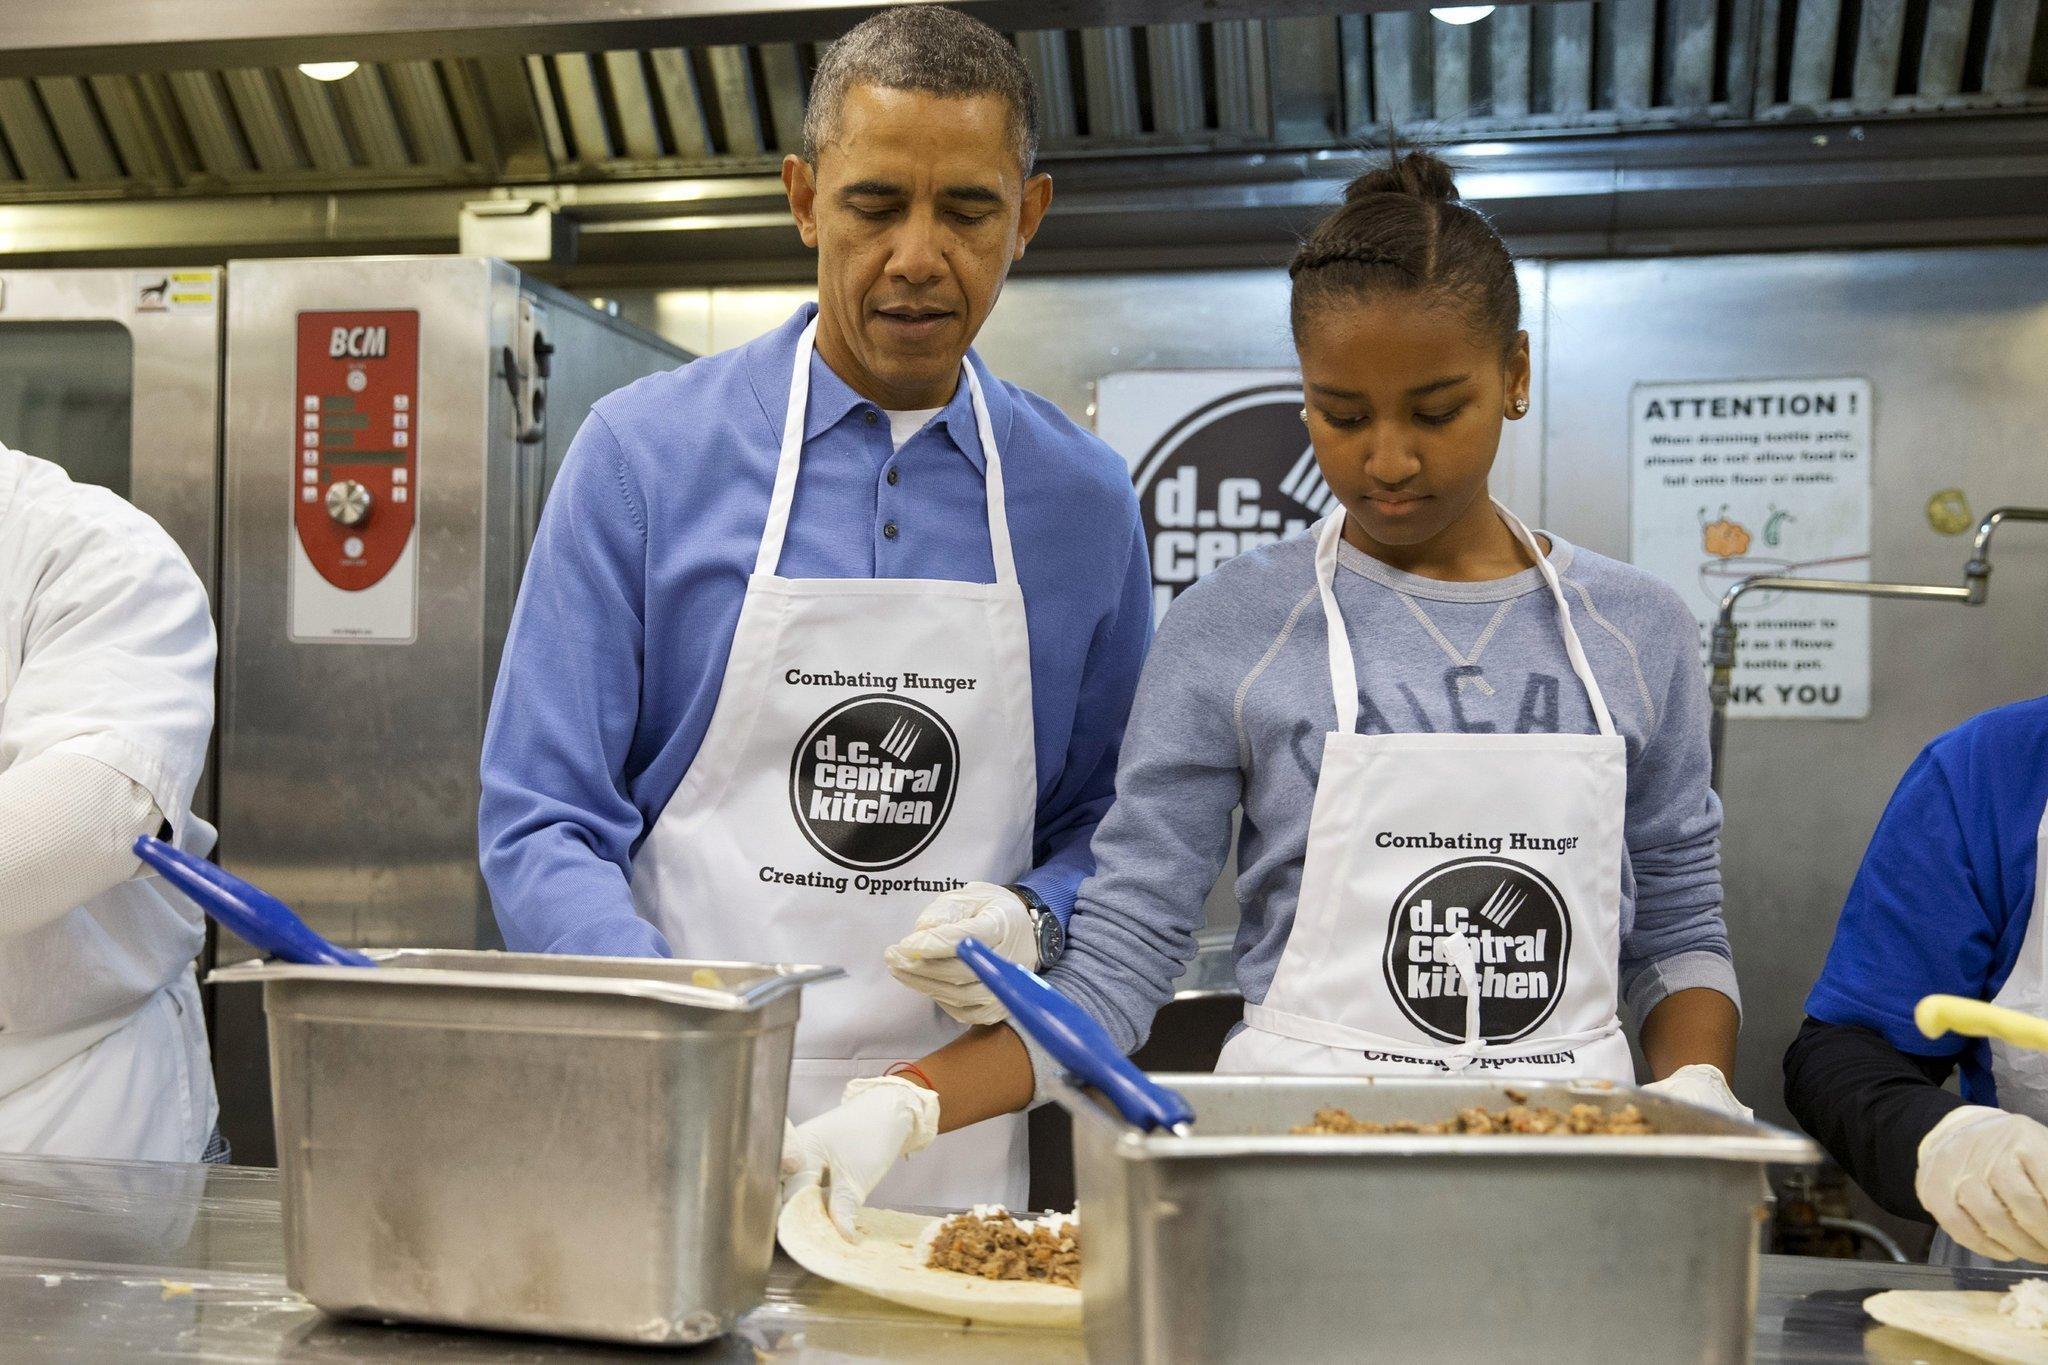 Obama celebrates MLK holiday, visits soup kitchen - The San Diego ...